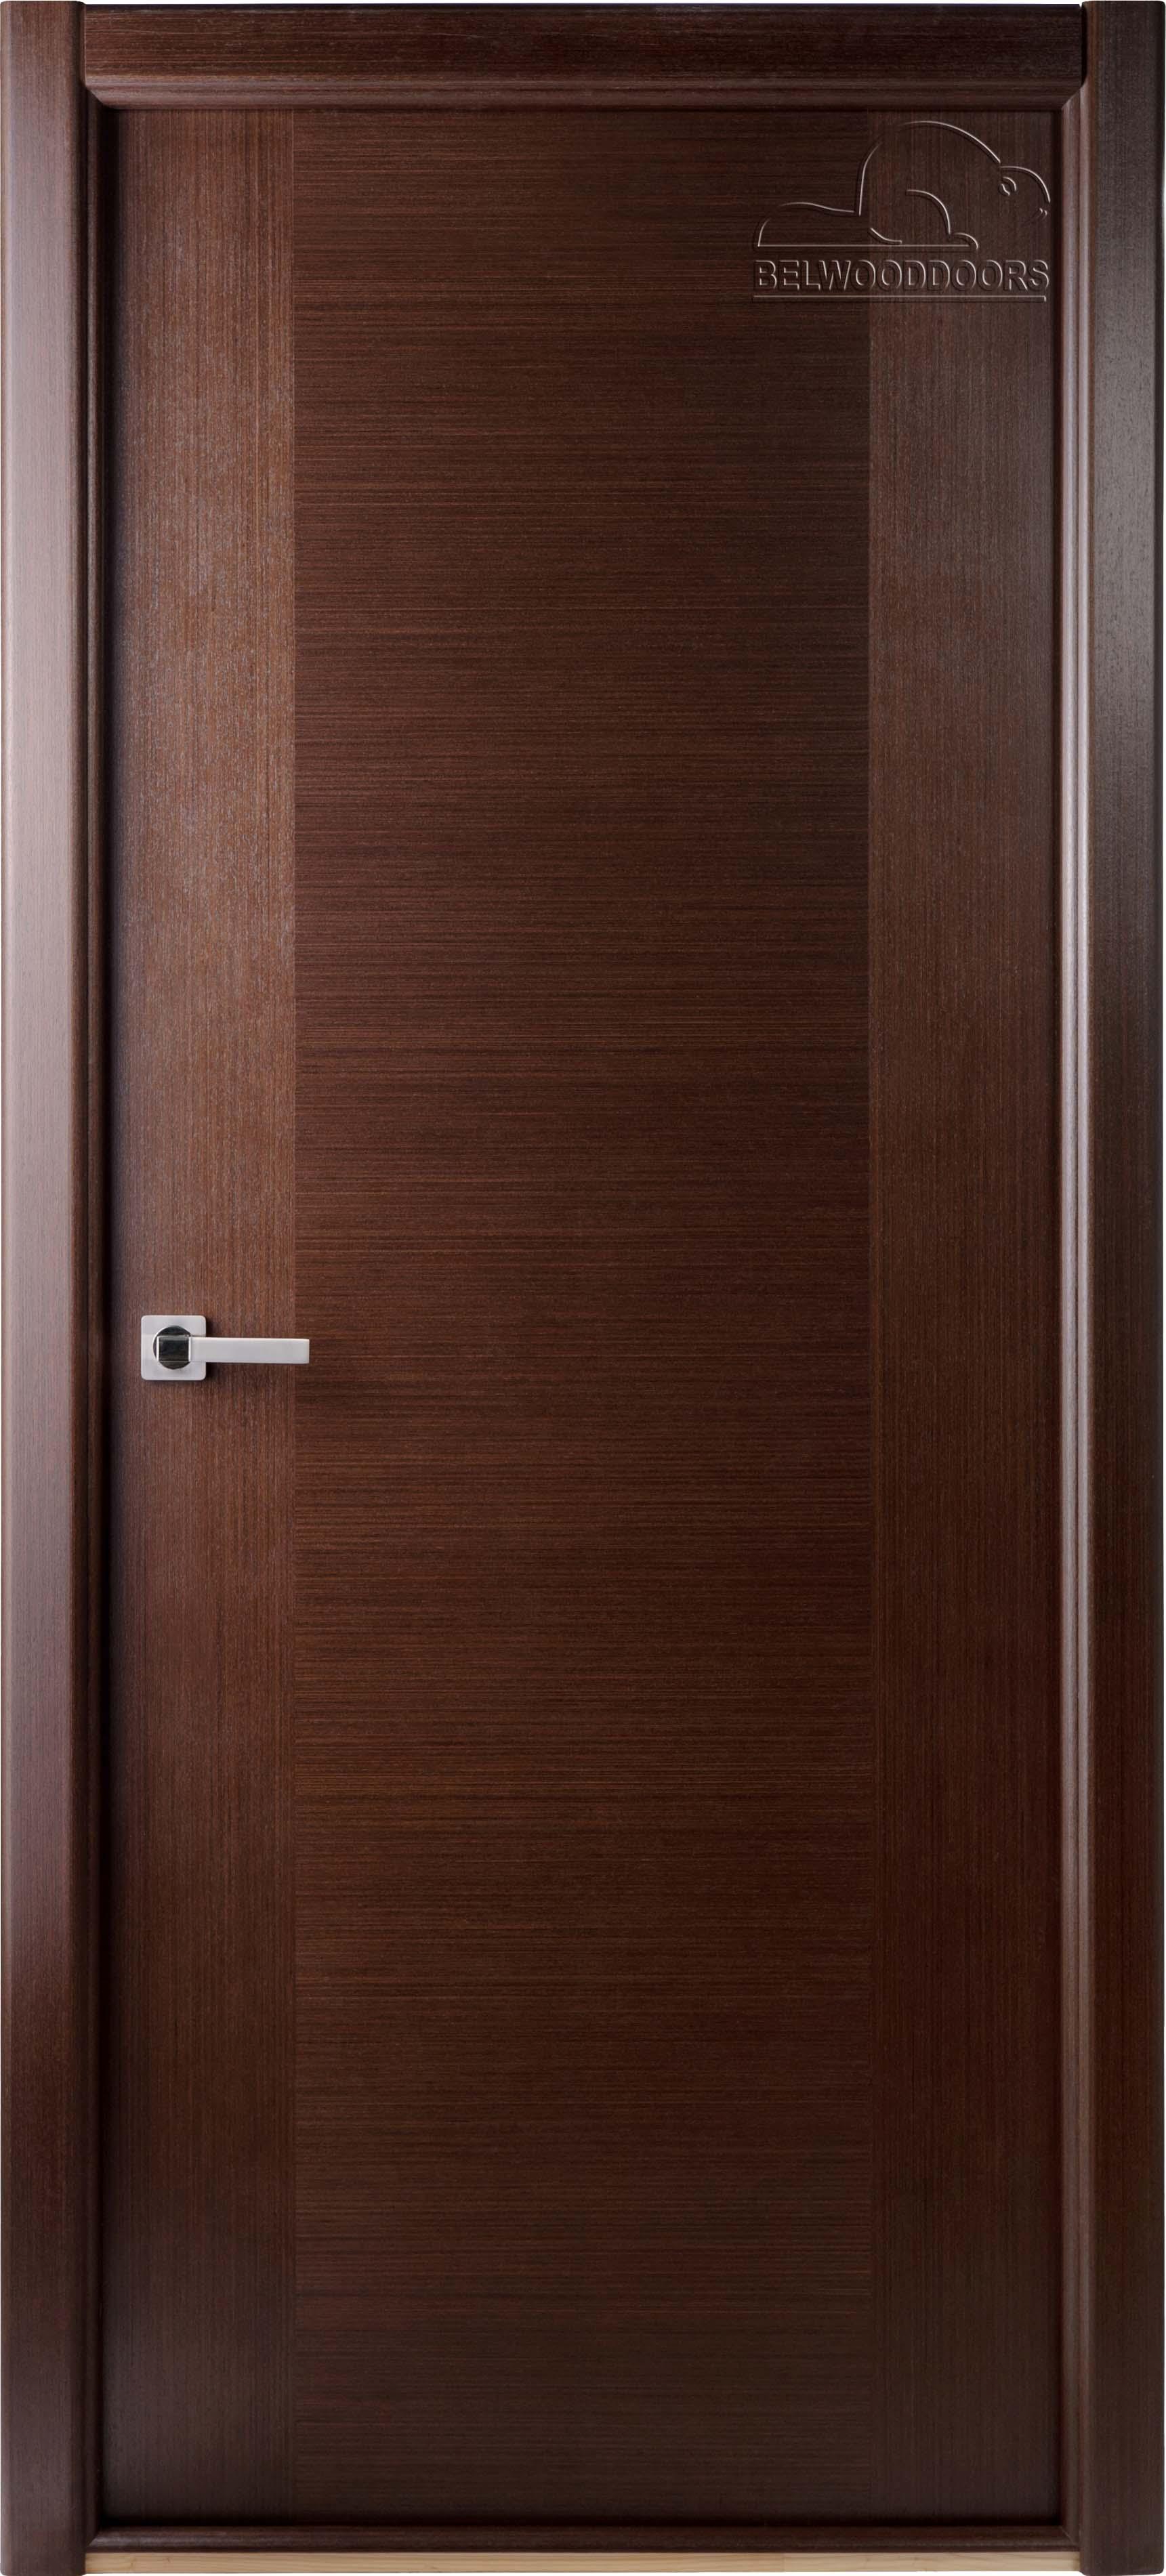 межкомнатные двери классика венге